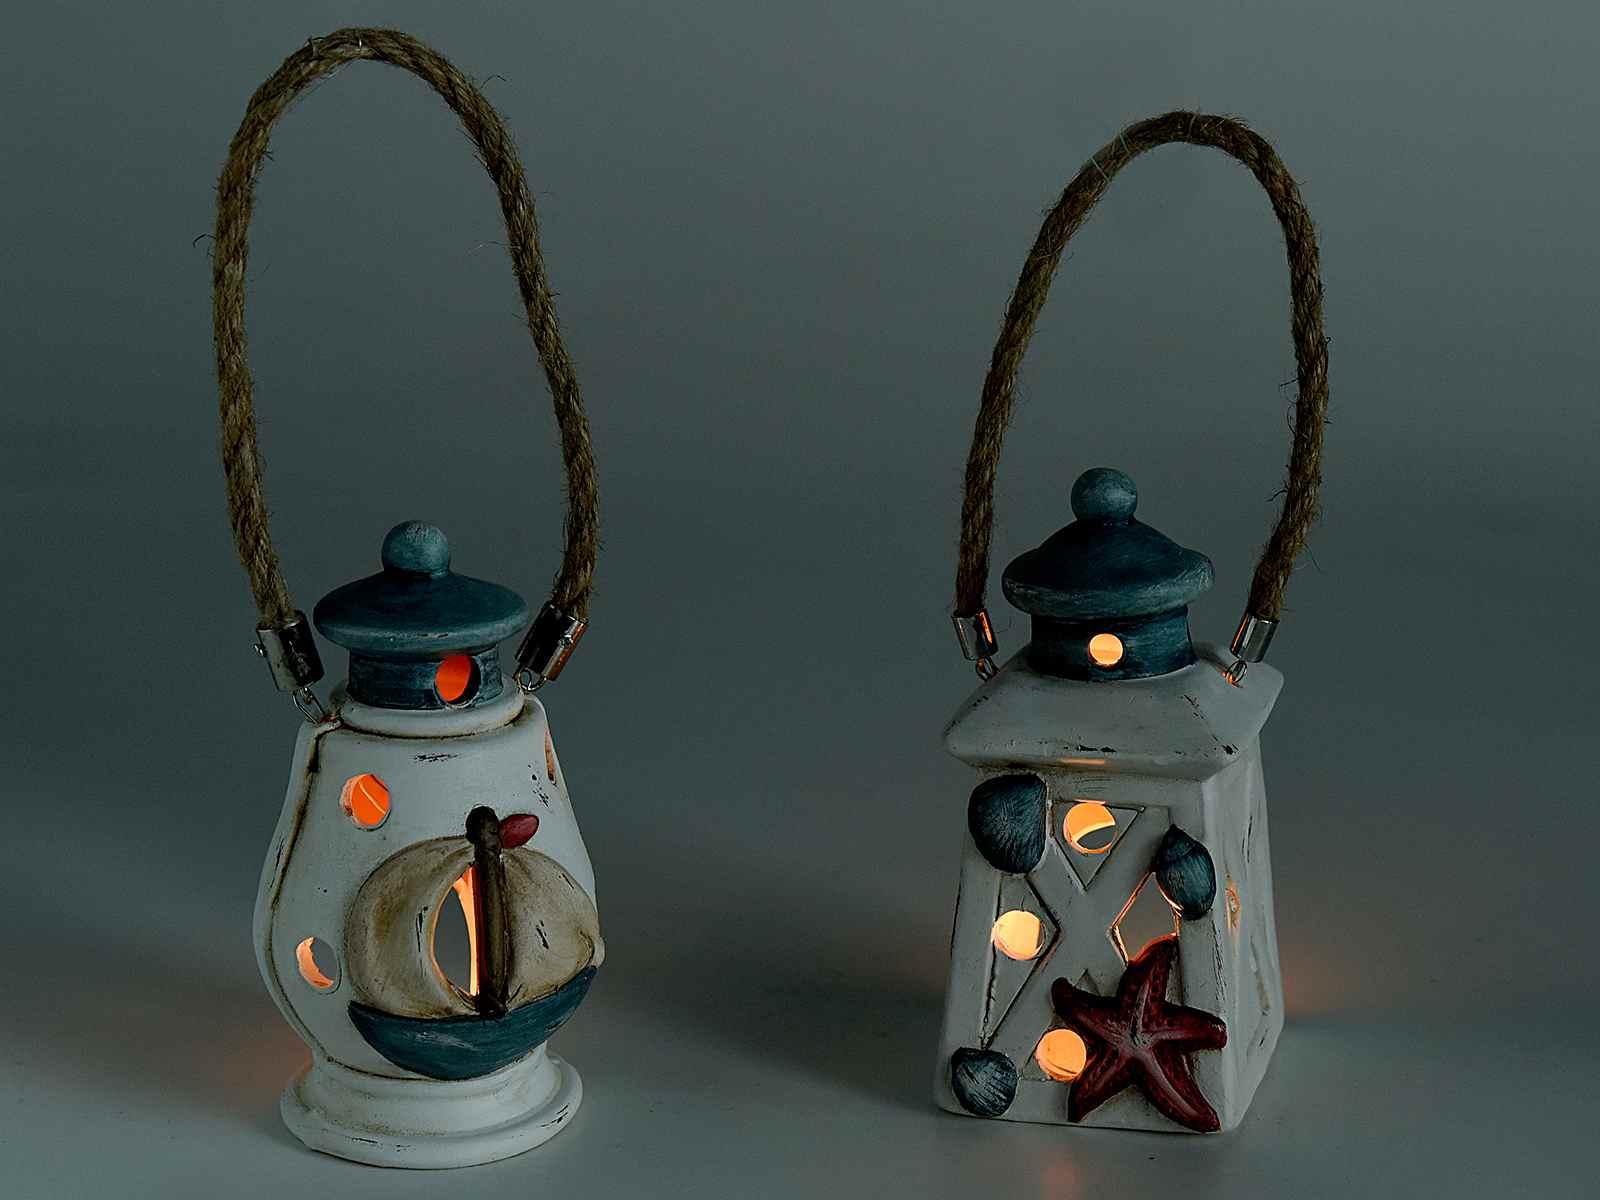 Candele Da Giardino Milano : Lanterne in terracotta da giardino lampade in terracotta da